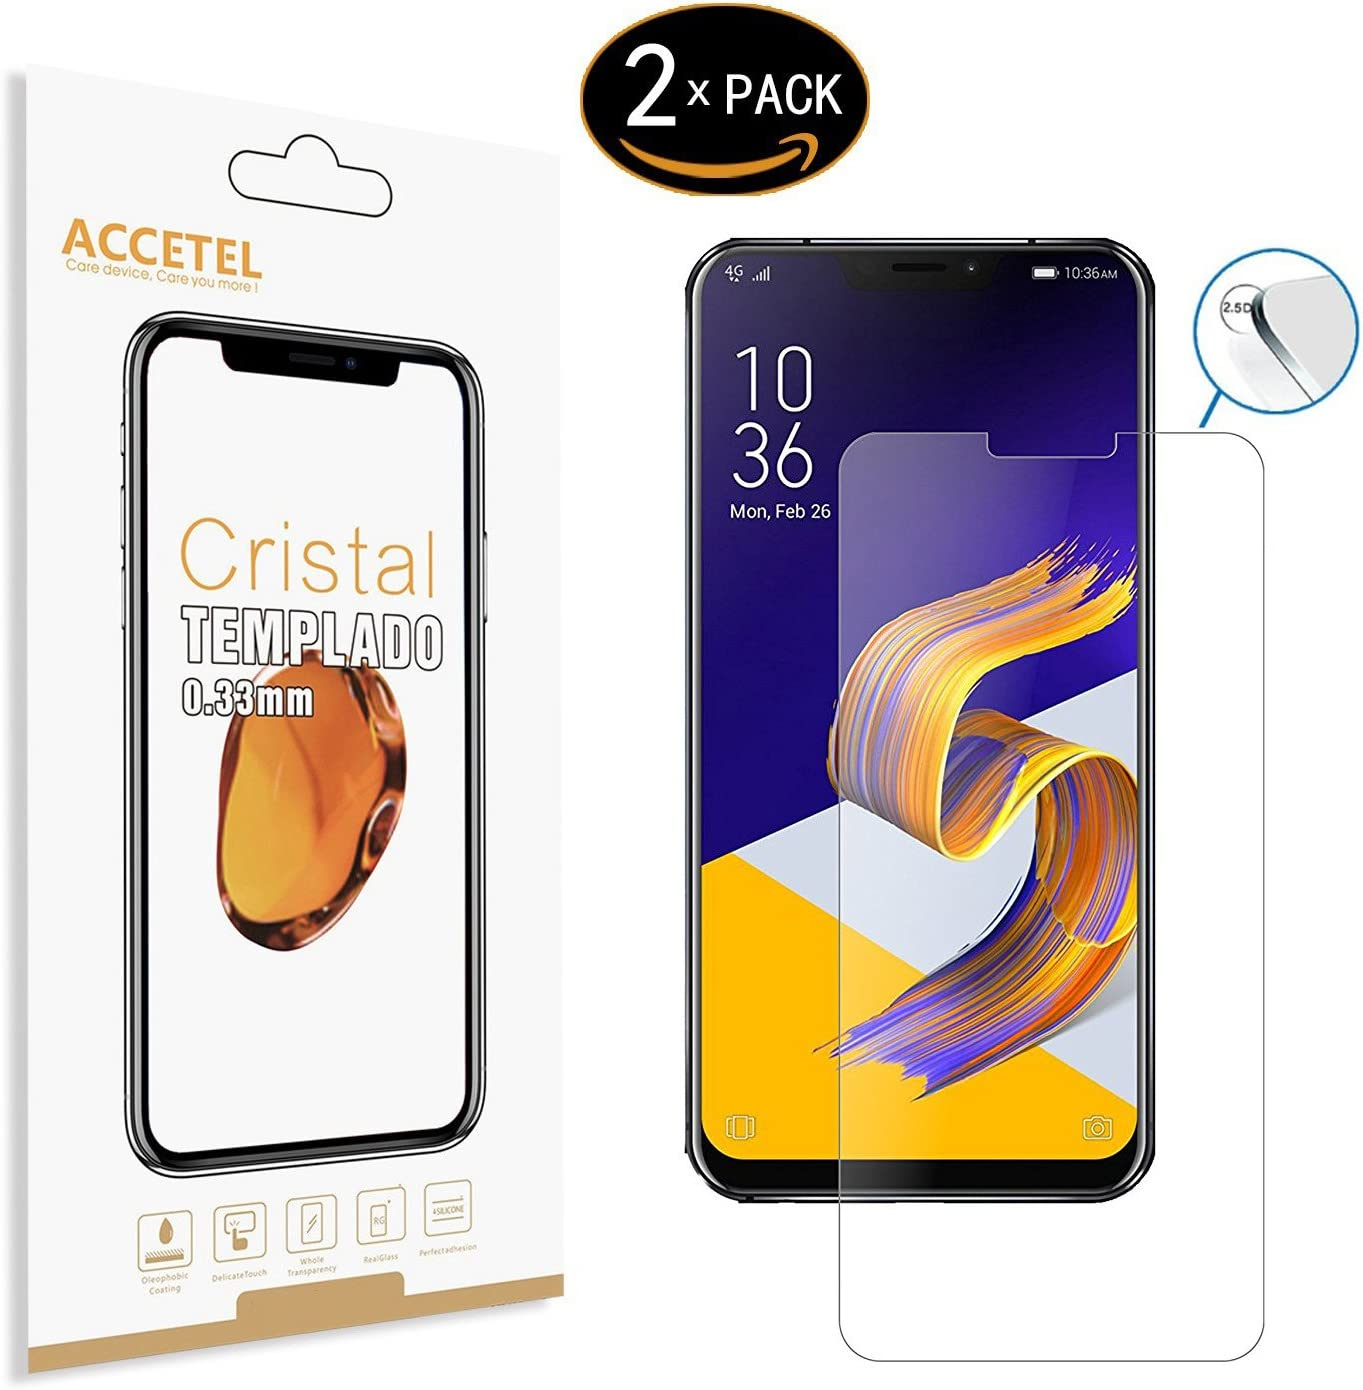 Accetel Protector de Pantalla Compatible con ASUS ZenFone 5Z ZS620KL Protector Cristal Vidrio Templado para ASUS ZenFone 5Z ZS620KL 6.2 Pulgadas Transparente 3-Pack: Amazon.es: Electrónica